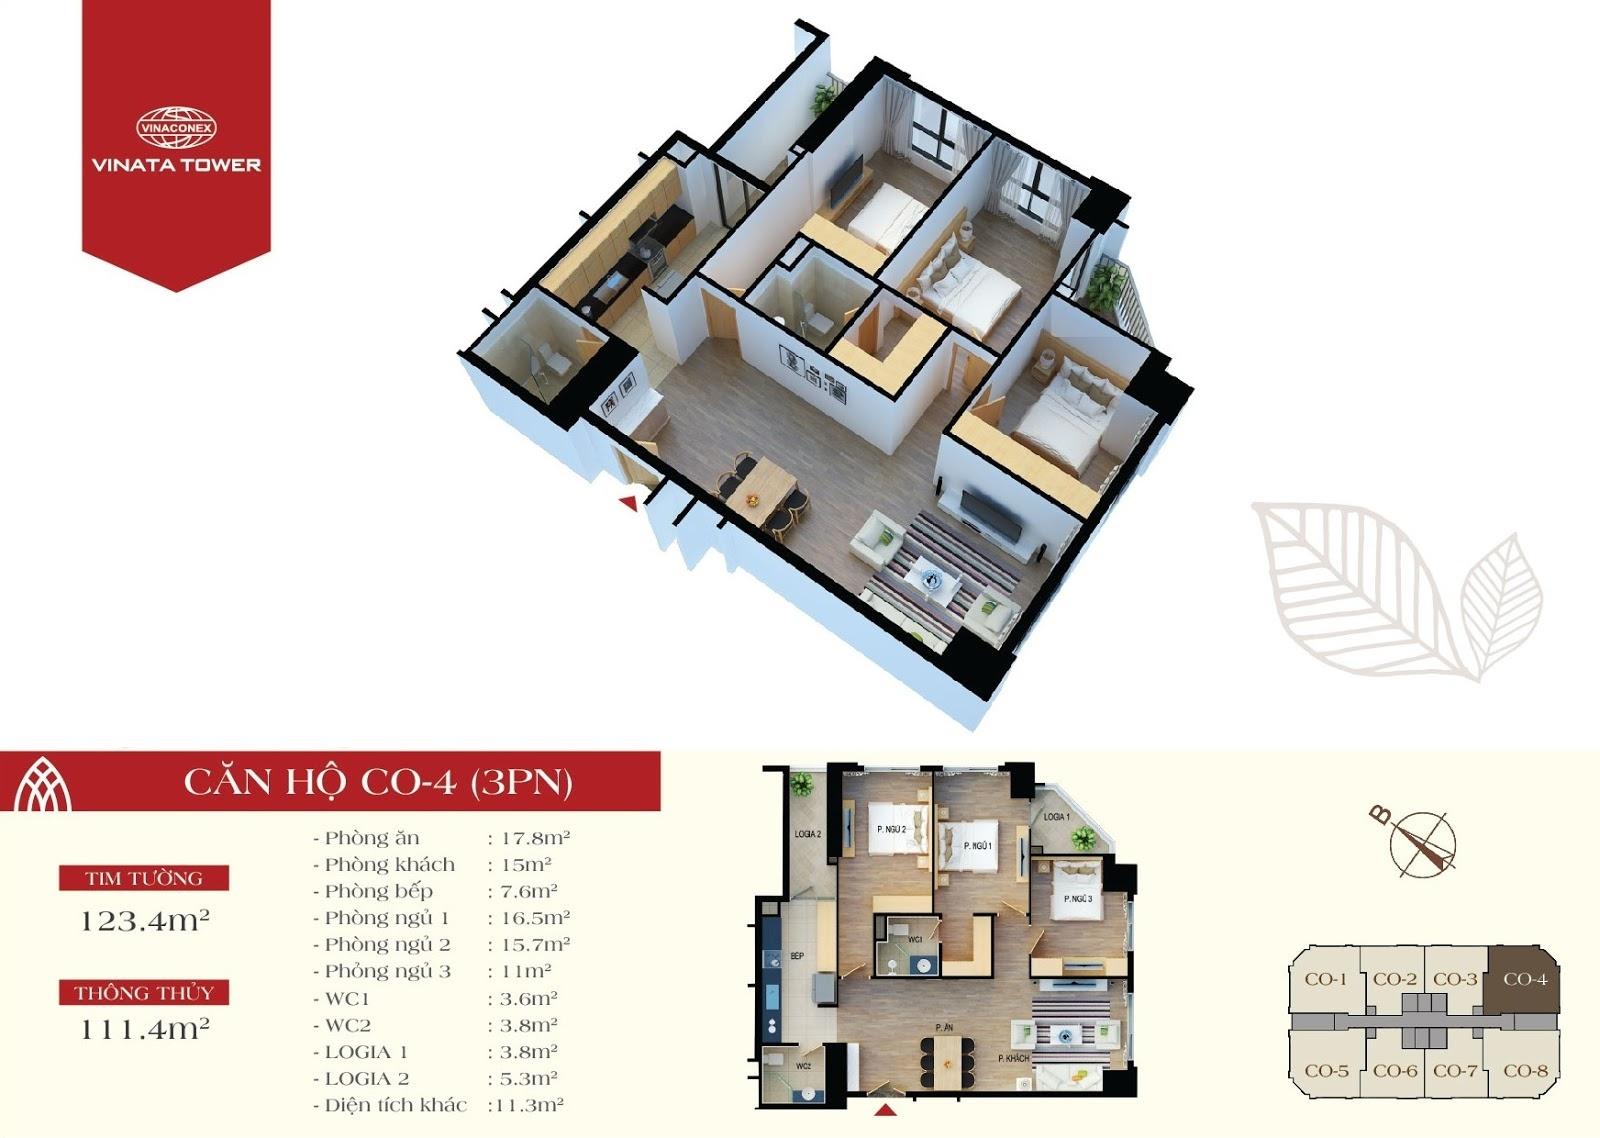 thiết kế vinata tower căn hộ CO4